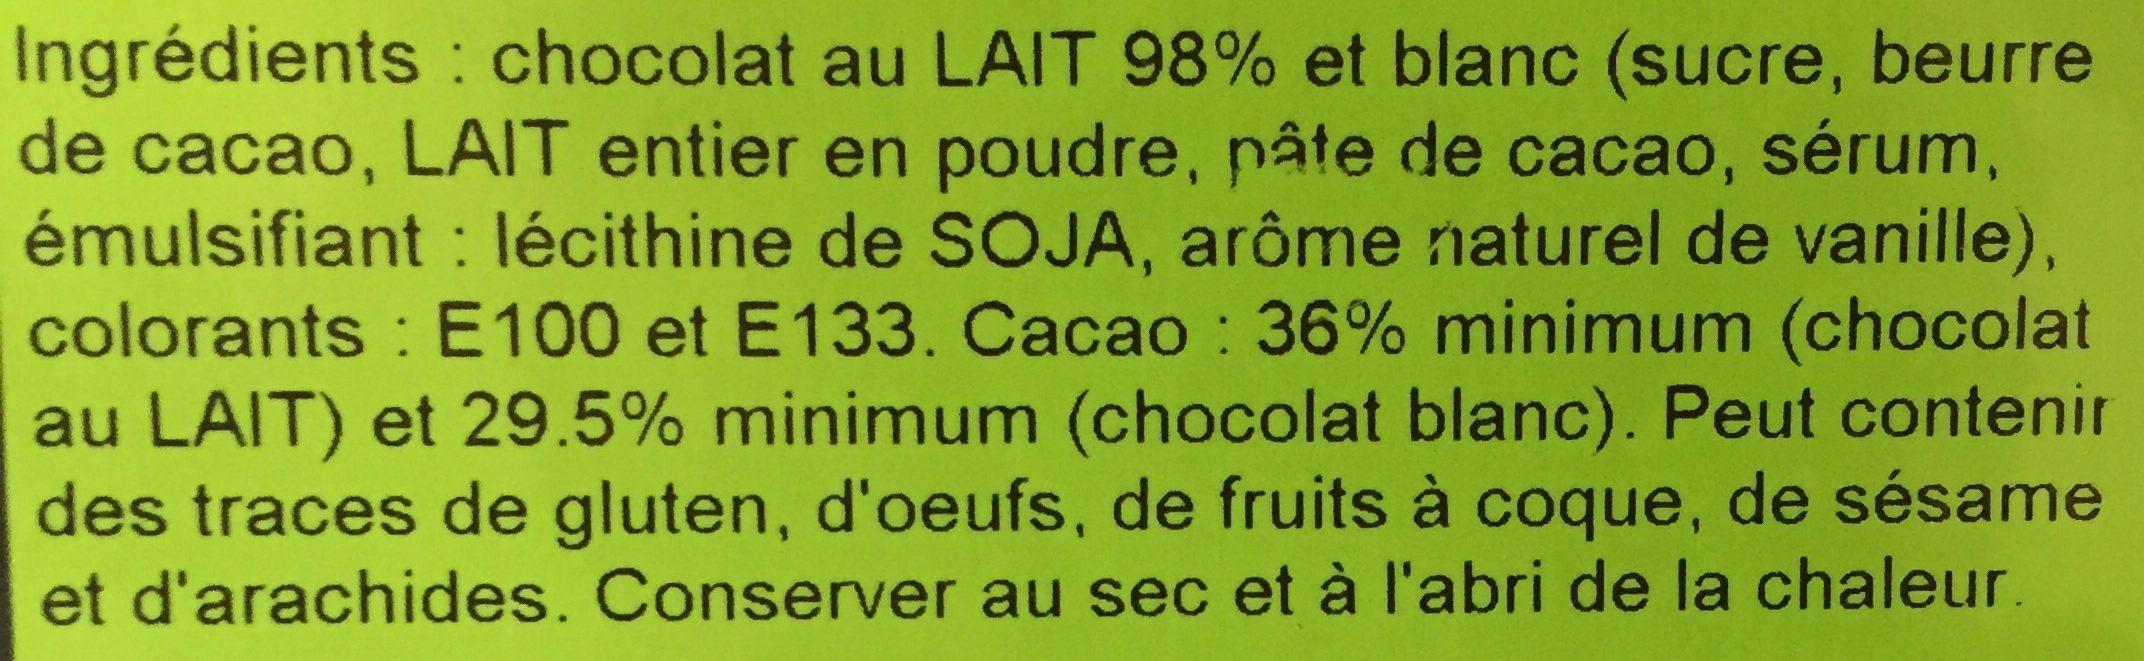 Dinosaure en chocolat - Ingrédients - fr